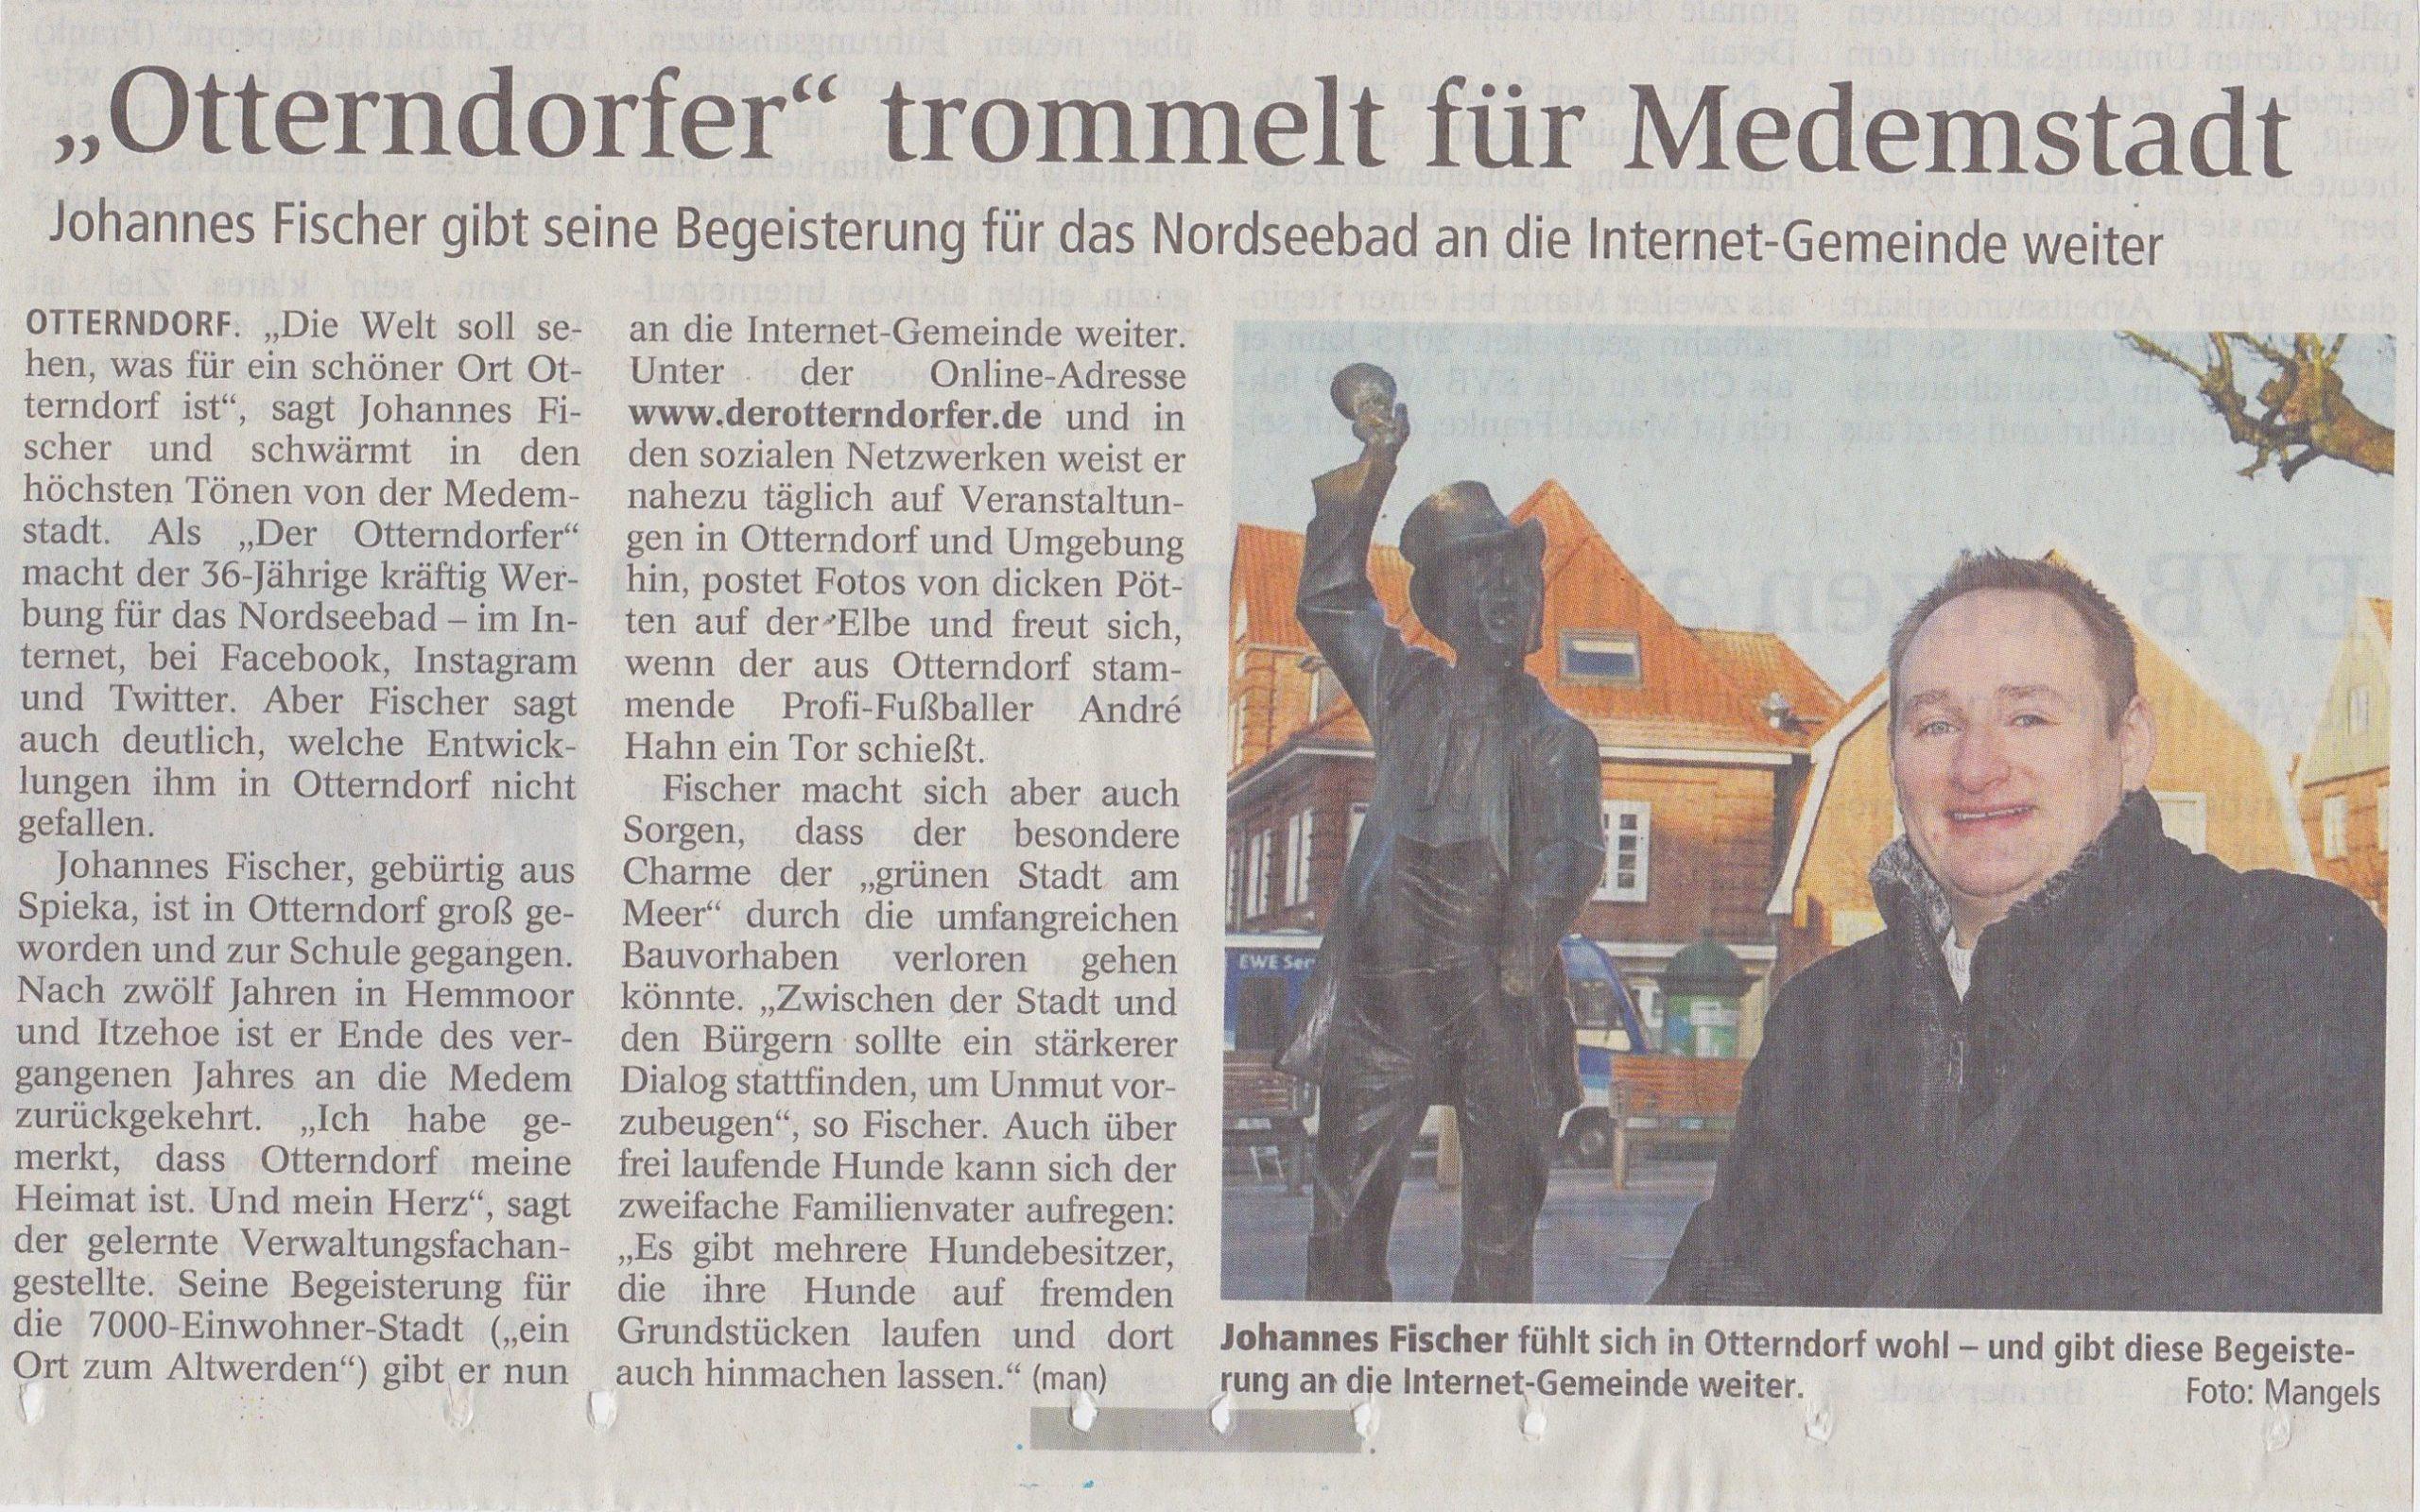 Zeitungsartikel - Der Otterndorfer trommelt für die Medemstadt